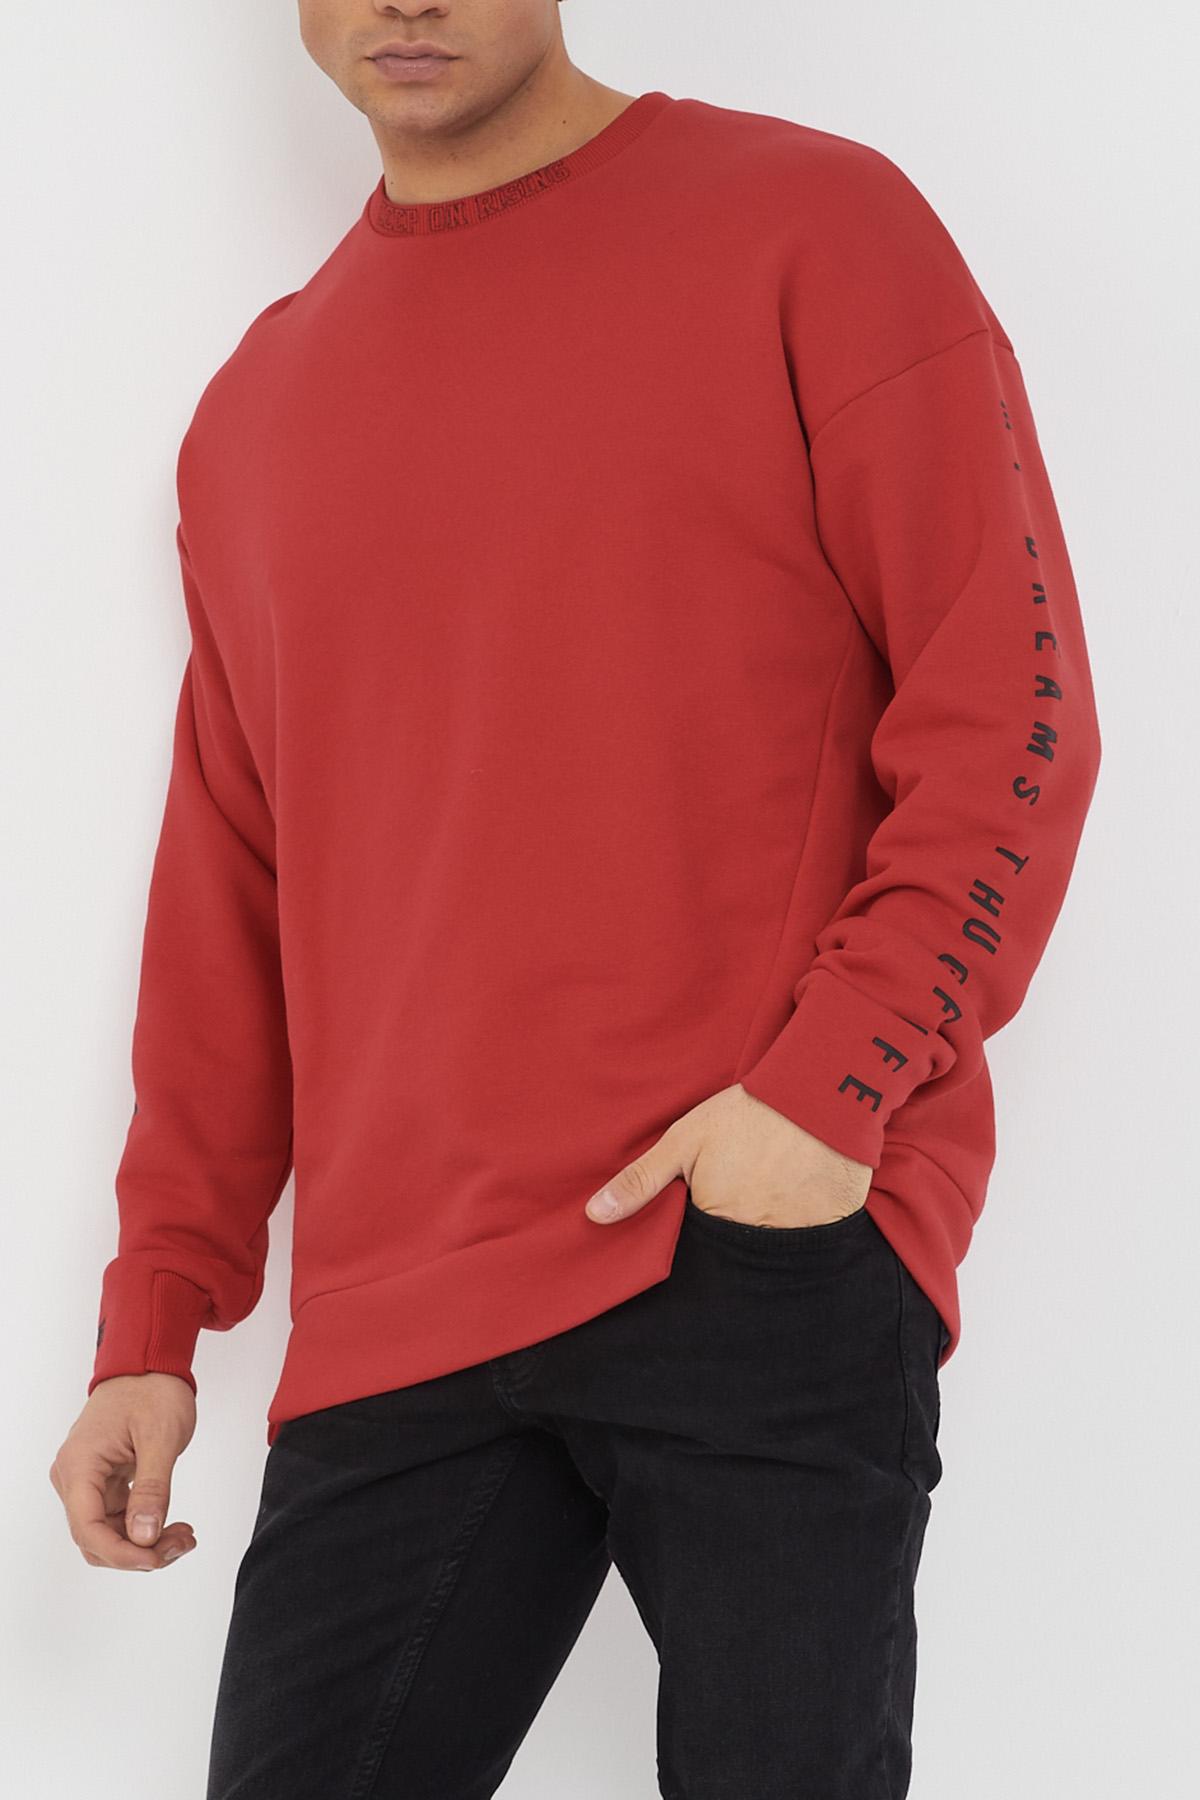 XHAN - Gül Kurusu Baskılı Yumuşak Dokulu Sweatshirt 1KXE8-44485-65